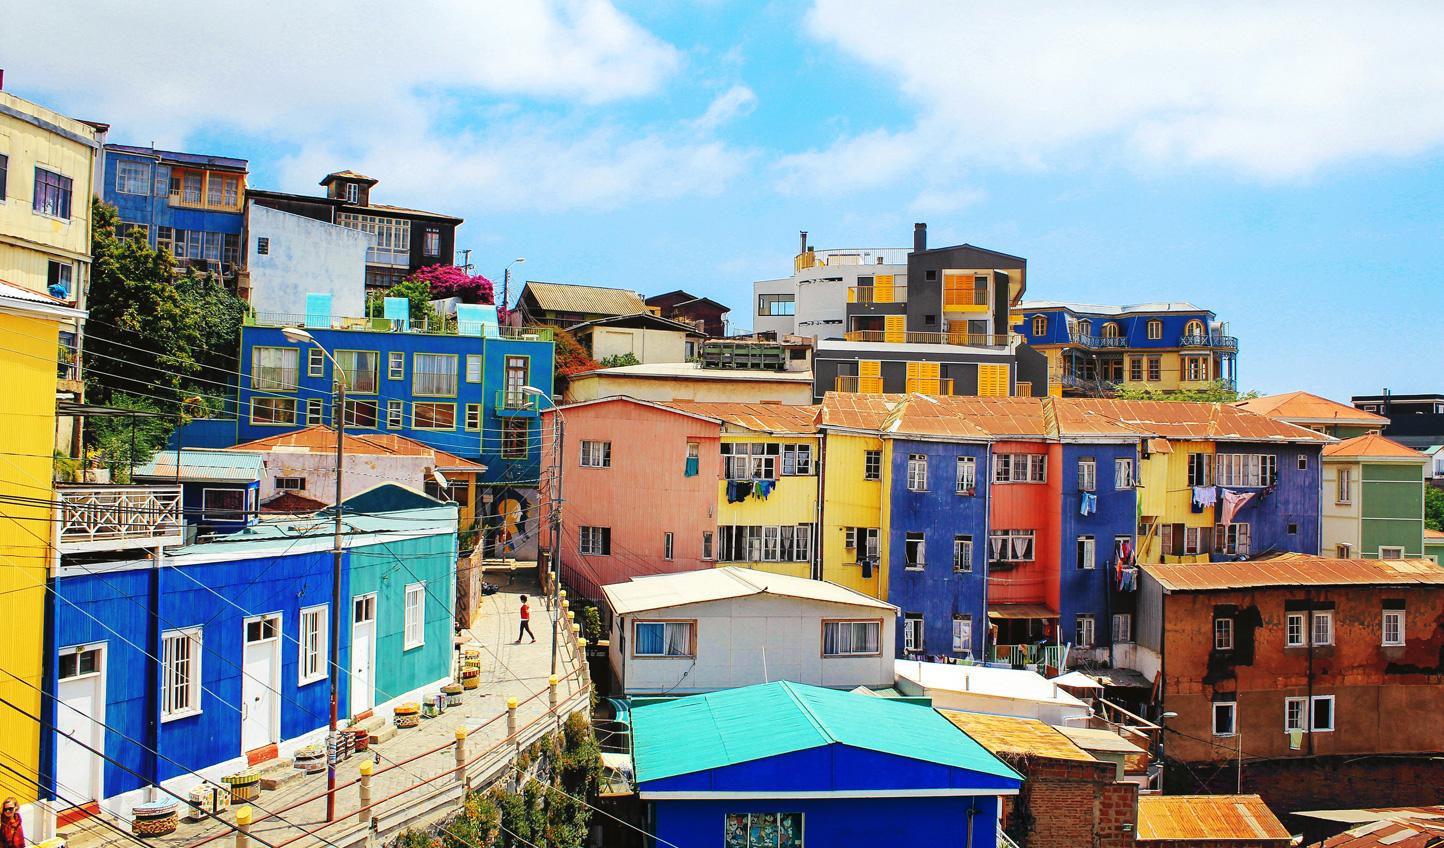 Take a stroll through the colourful hues of Valparaiso